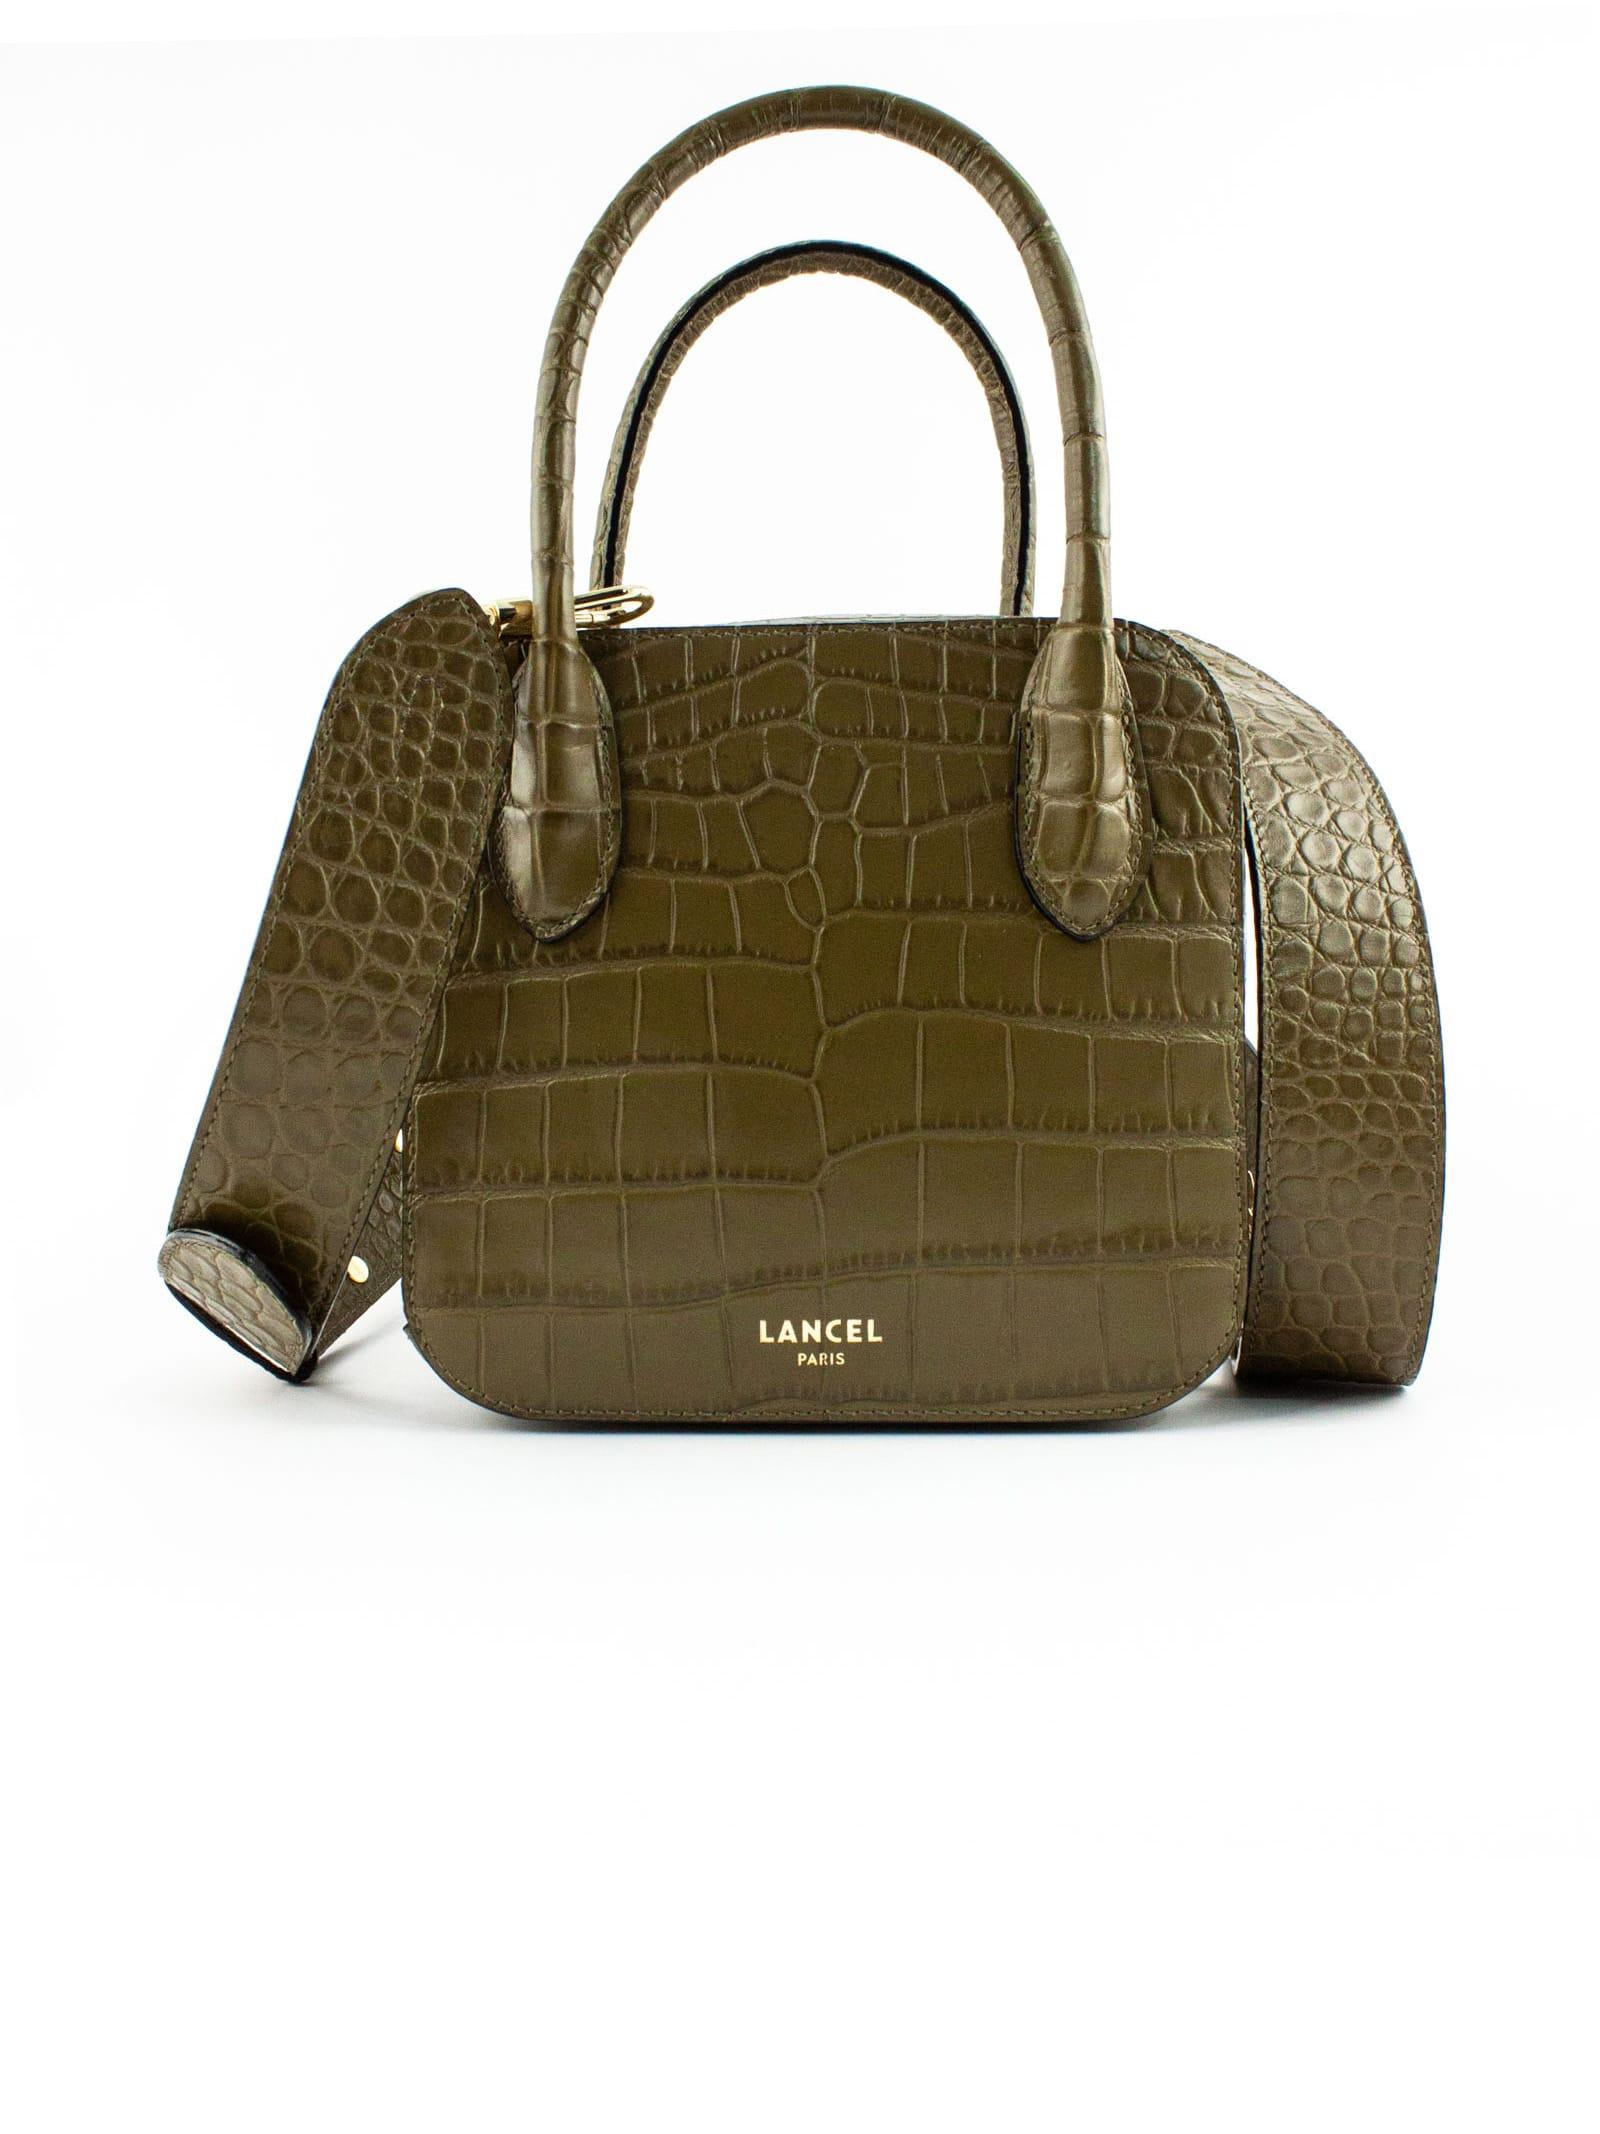 Shiny Crocodile-style Khaki Leather Handbag